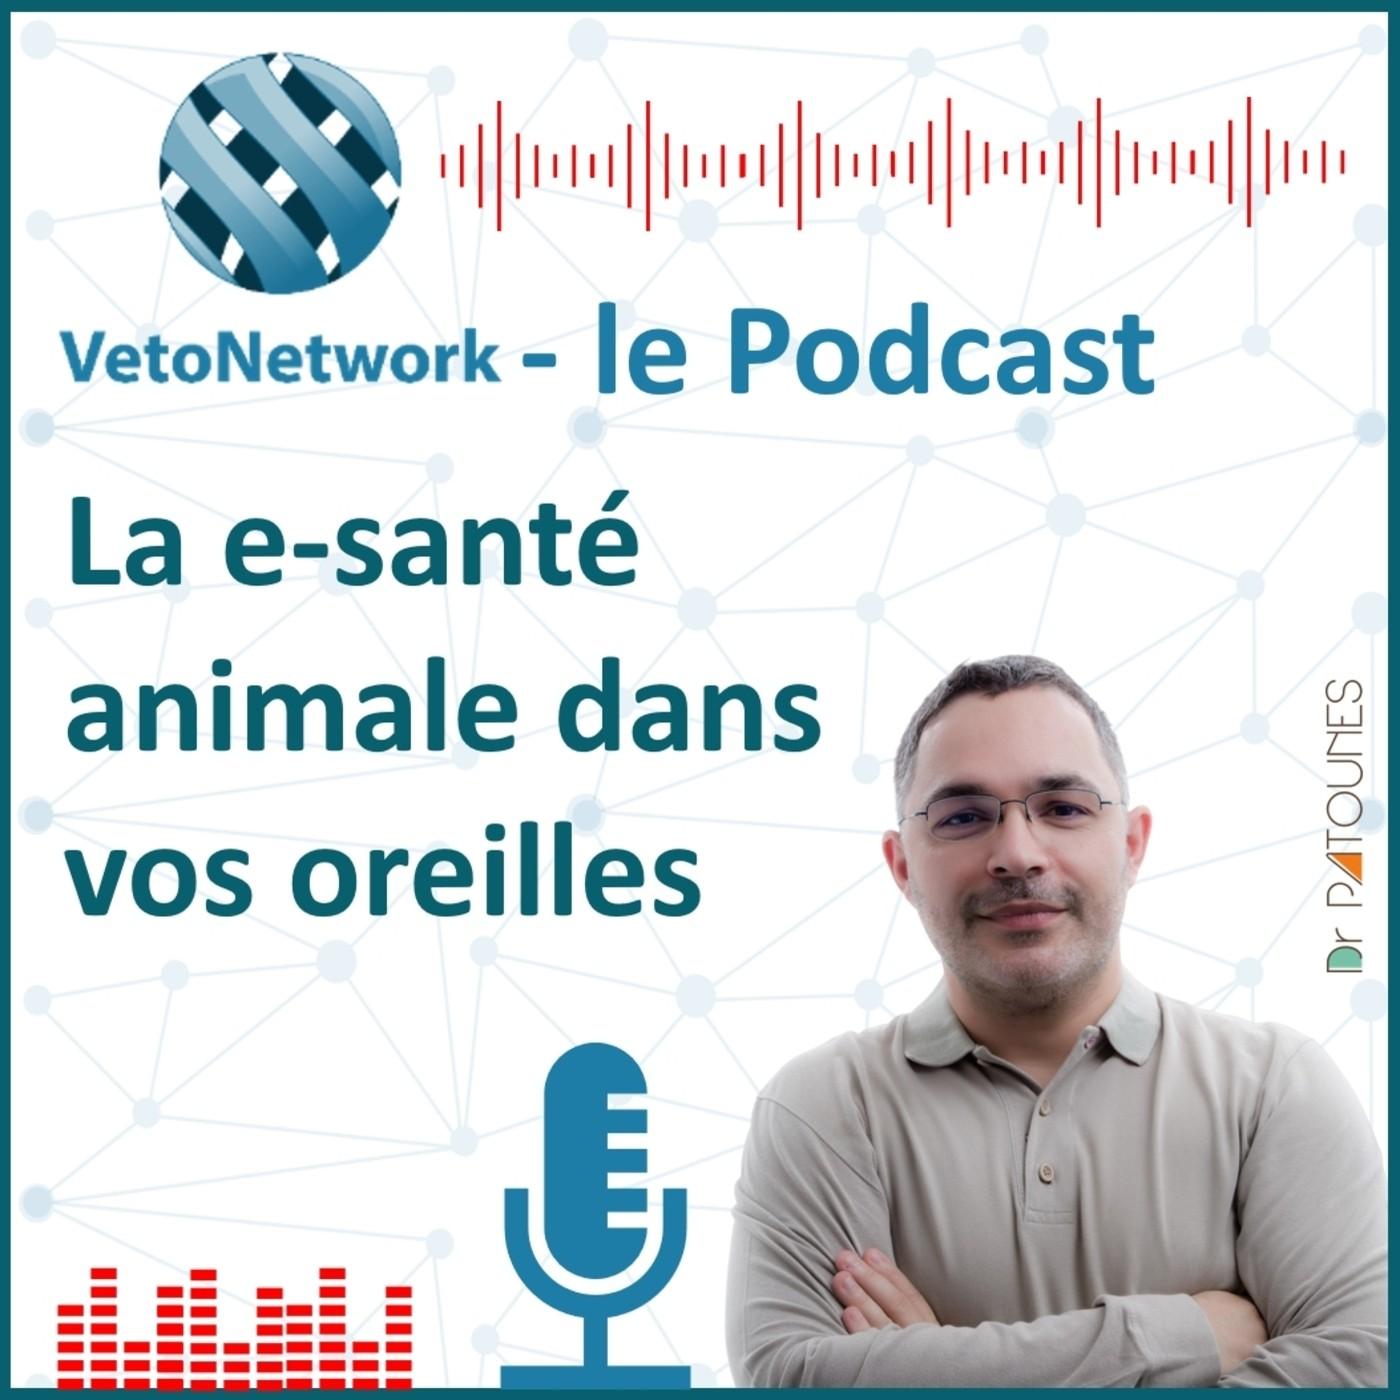 Présentation de 🩺 VetoNetwork - Le podcast 📲